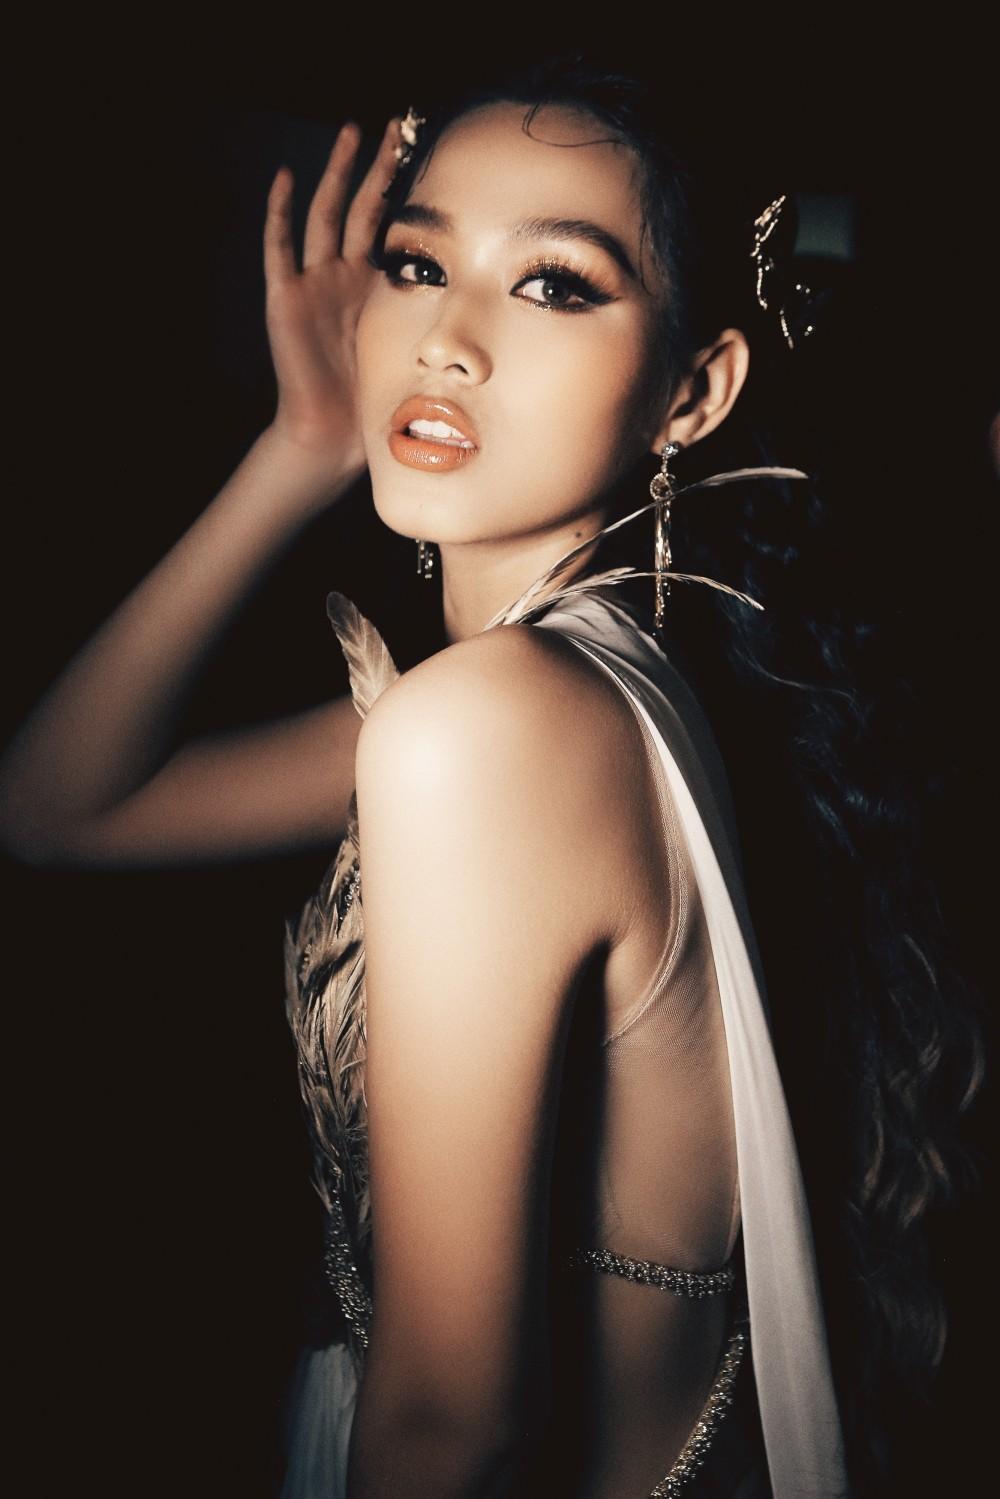 Hoa hậu Đỗ Thị Hà cùng 2 Á hậu khoe thần thái ngút ngàn trong ảnh hậu trường BST Nữ thần ảnh 4